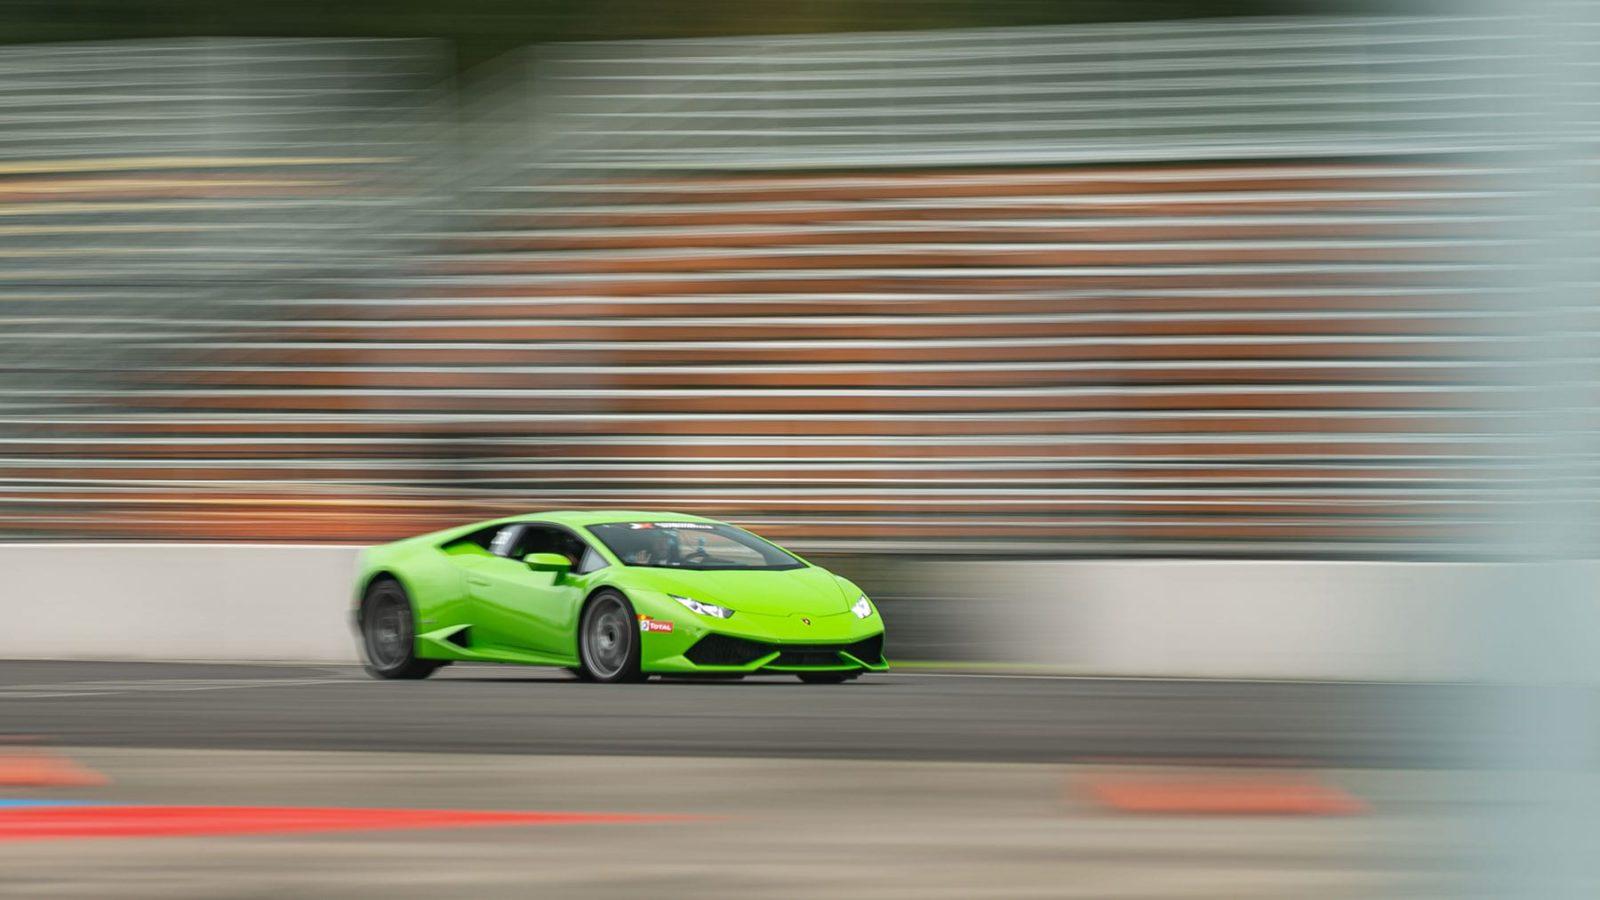 Lamborghini Huracan in green